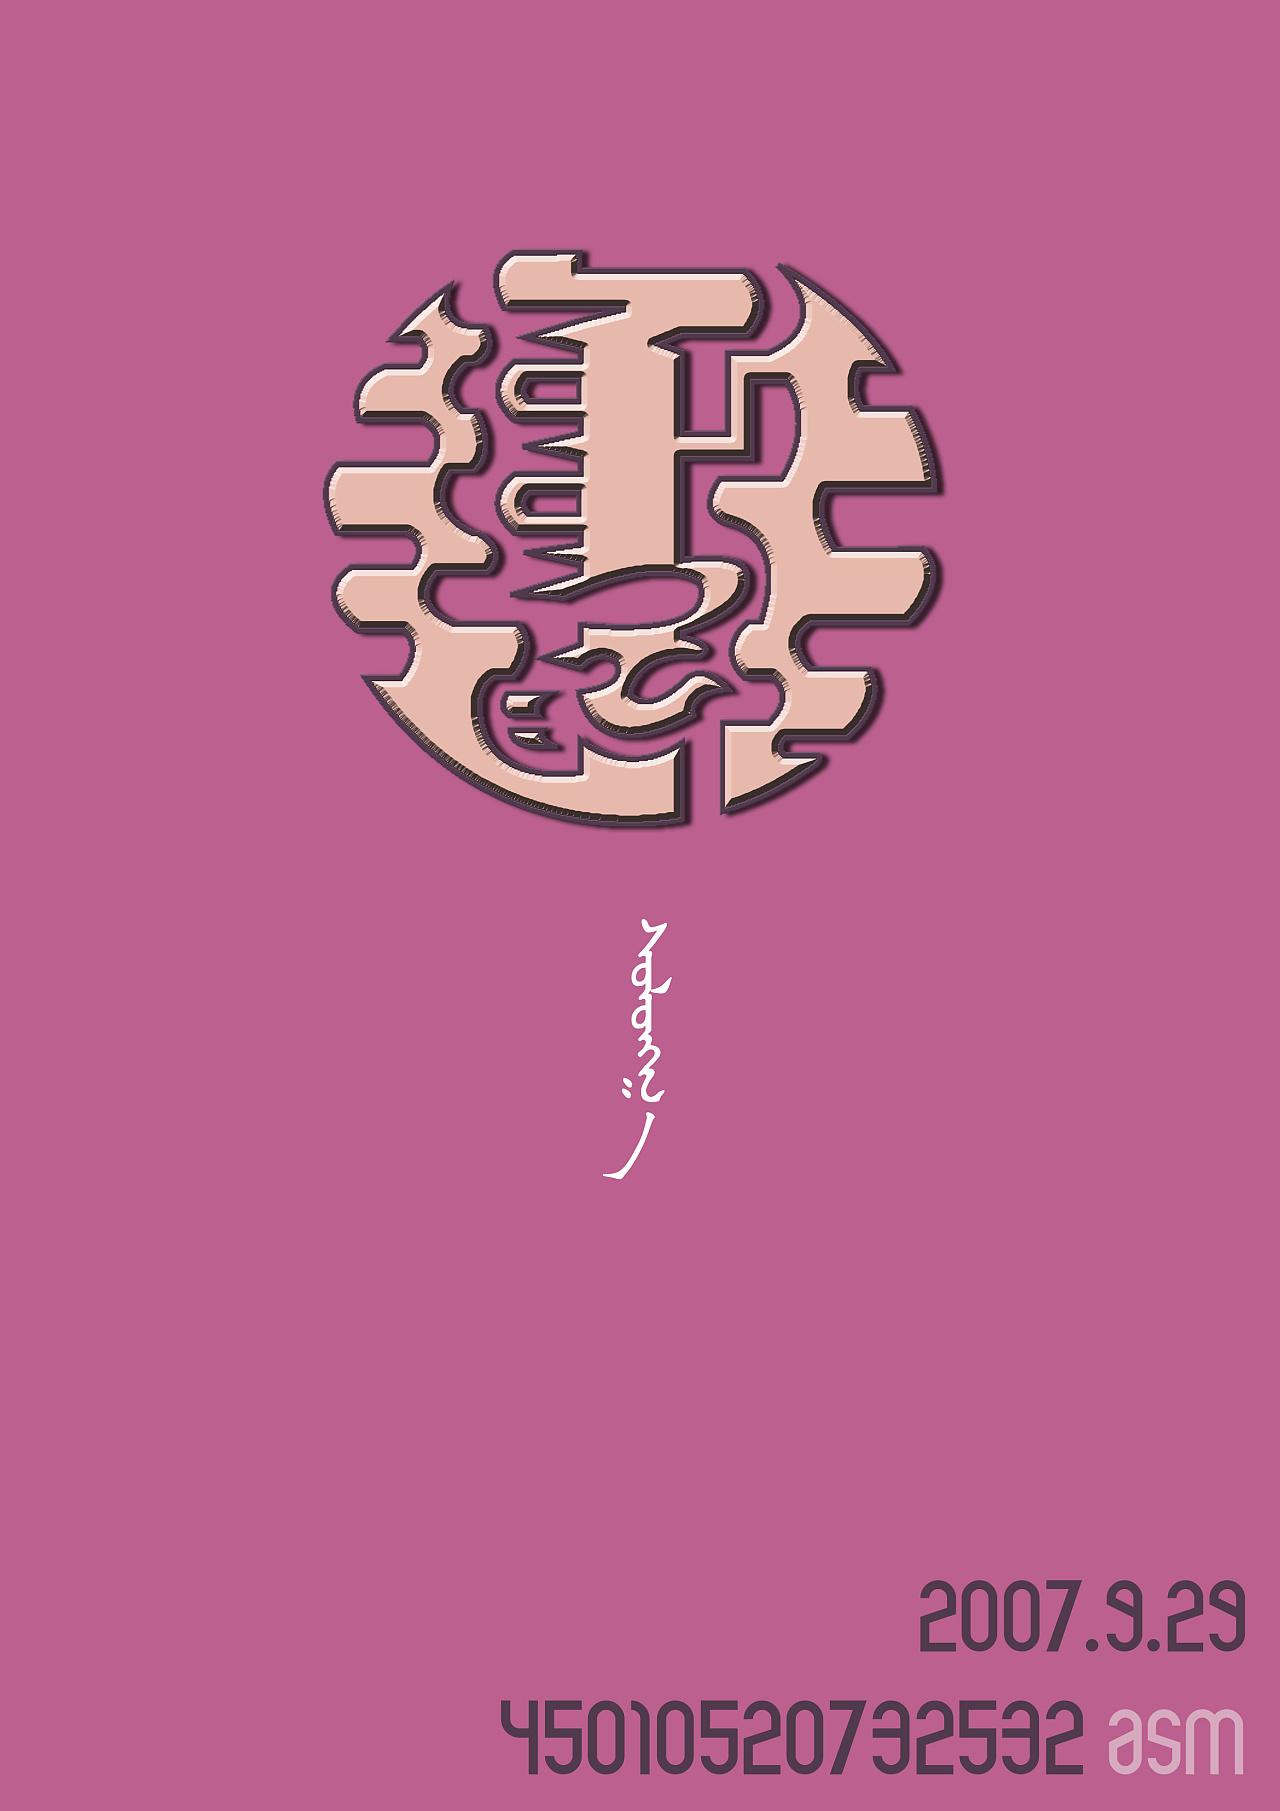 蒙古艺术文字2 -阿斯玛设计 第3张